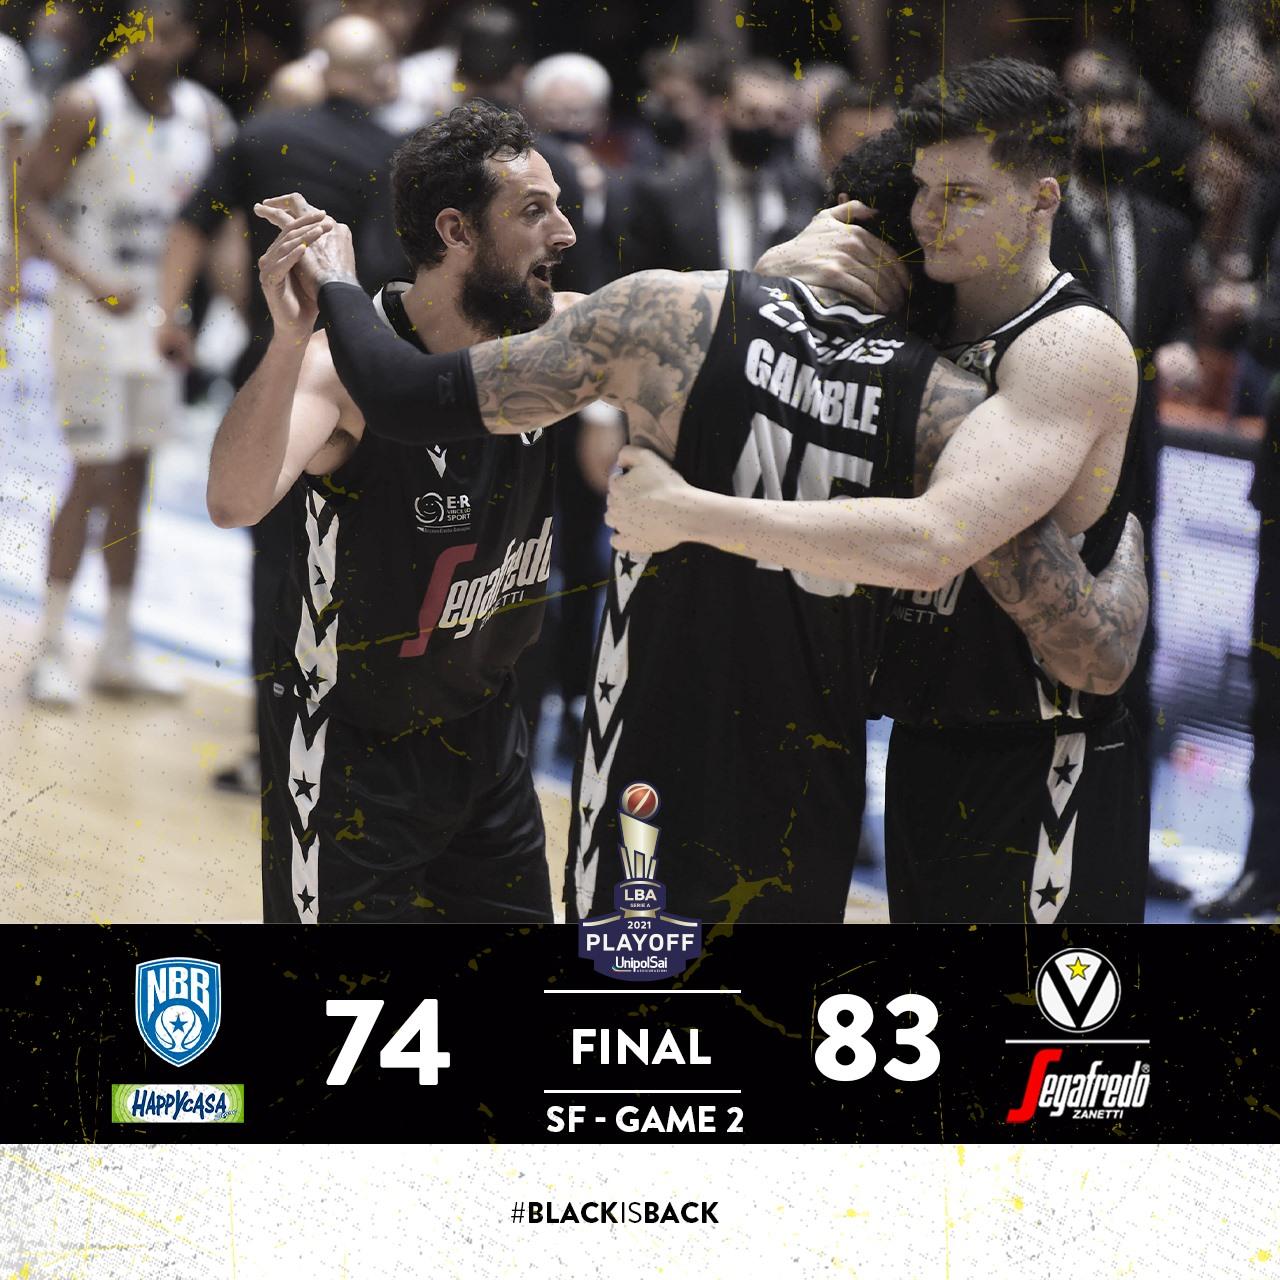 LBA #Gara2 #Semifinali #Playoff 2021: la difesa della Virtus Segafredo soffoca una Happy Casa stanca. Bologna si porta sullo 0-2 contro Brindisi